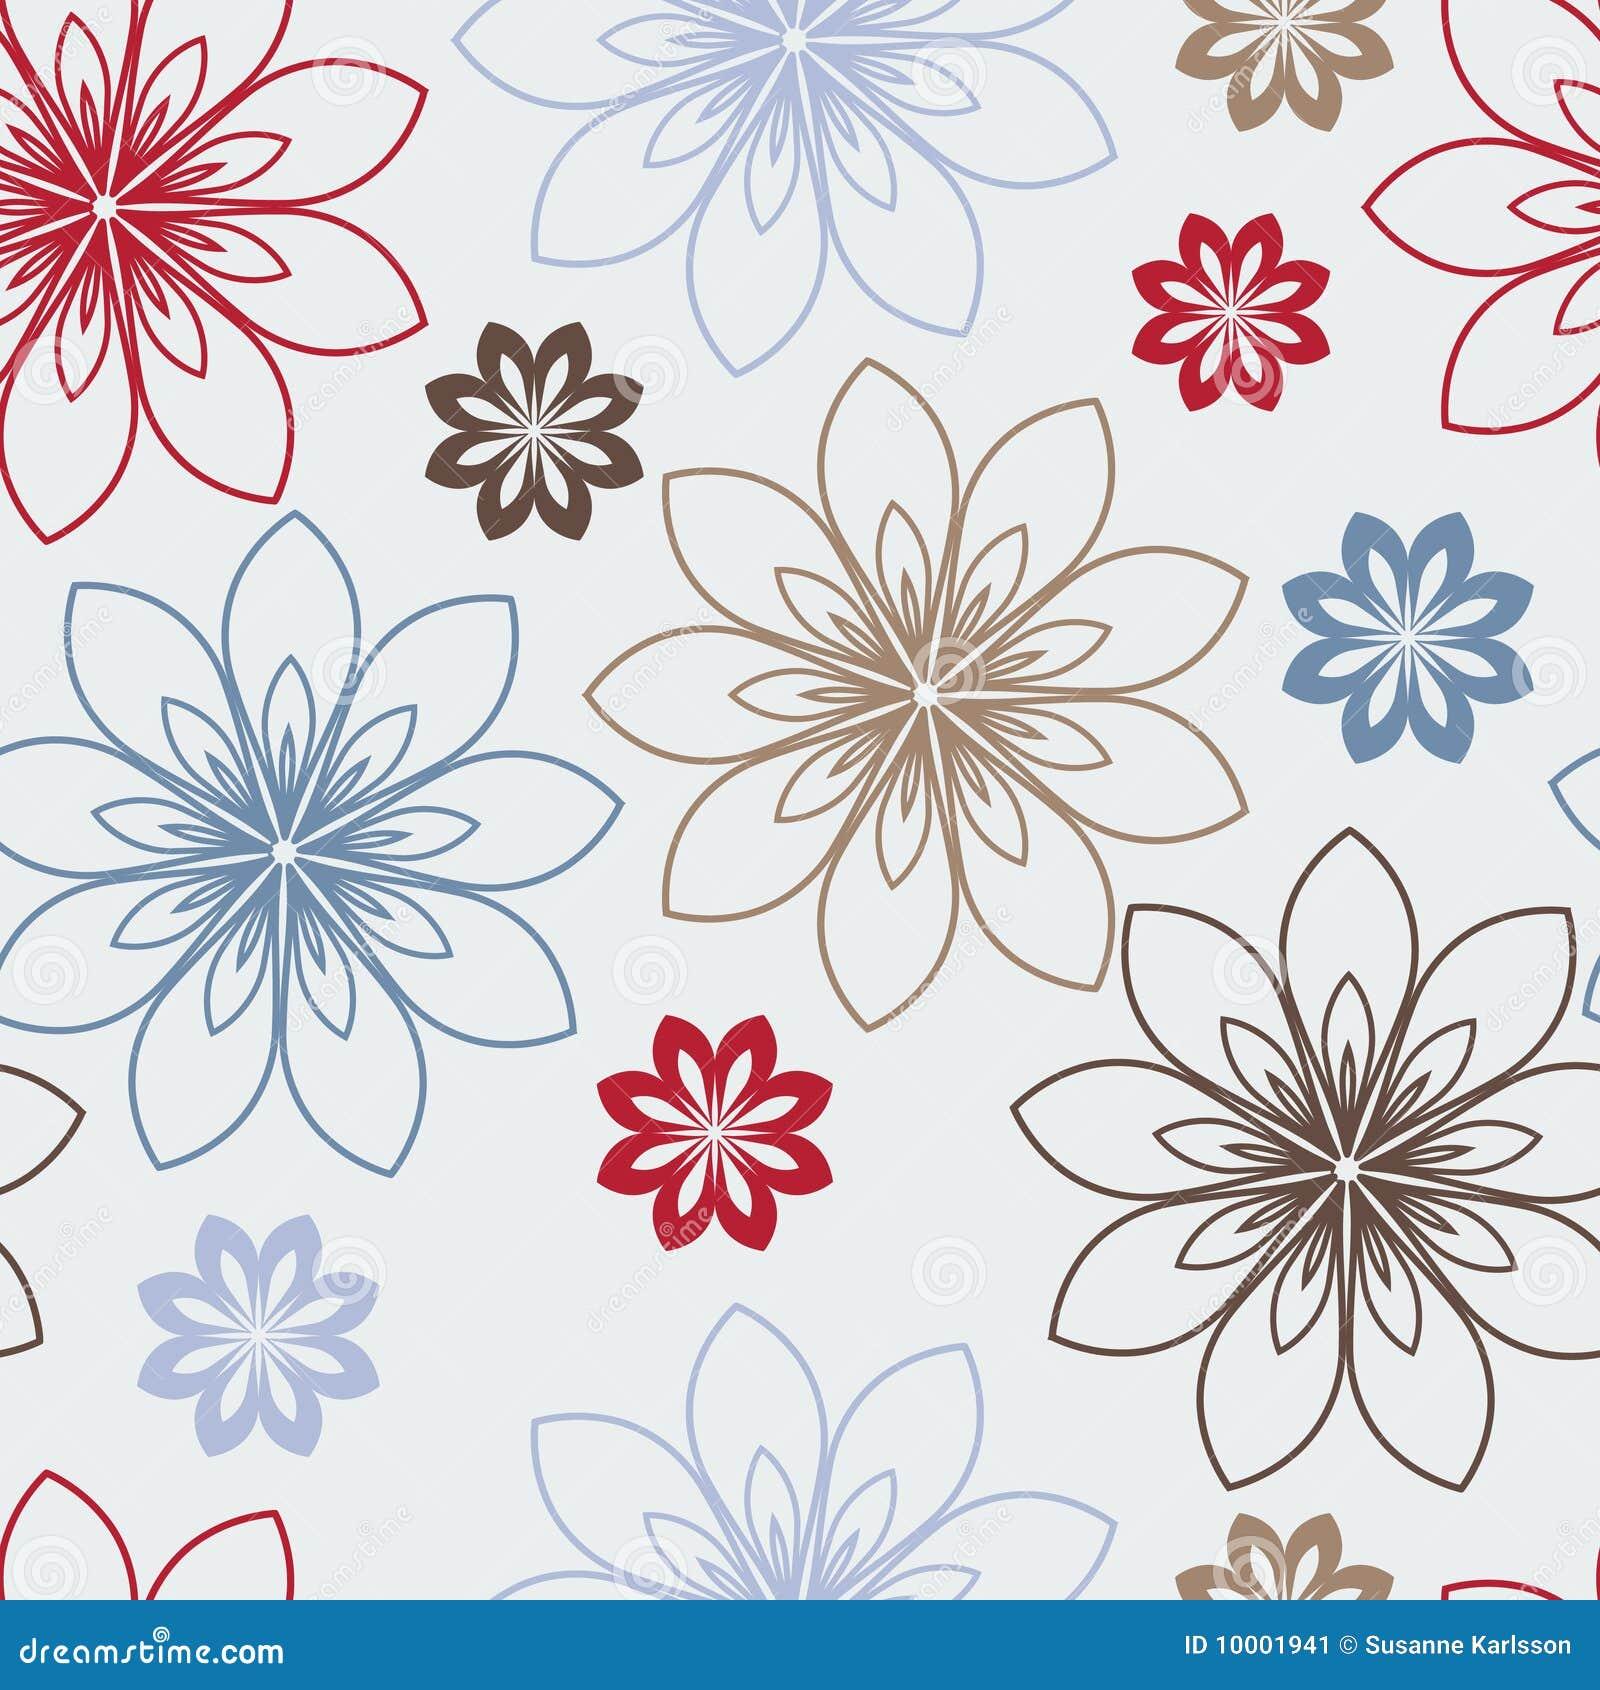 Fiori rossi blu e marroni stilizzati illustrazione for Fiori stilizzati immagini